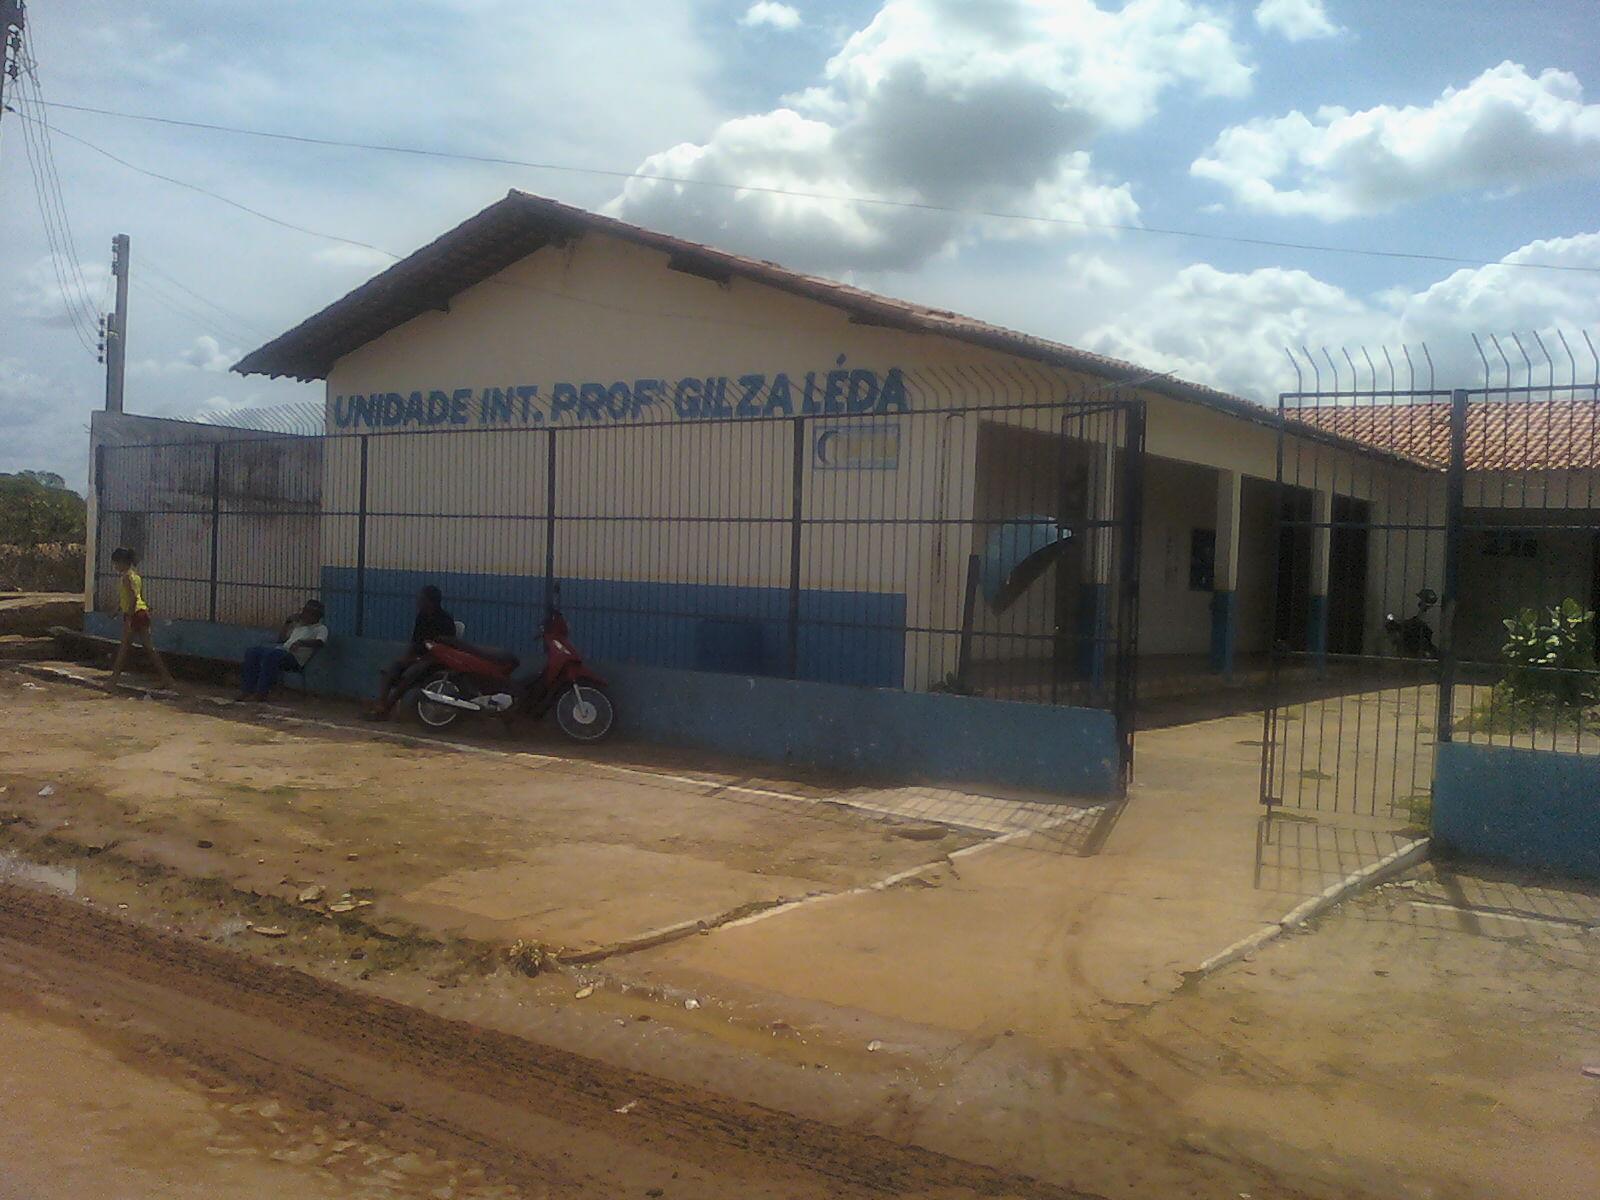 0de8b446d7712 Jeová Sousa a direção da Escola Gilza Leda Professora Socorro Campos vários materiais  esportivos ...